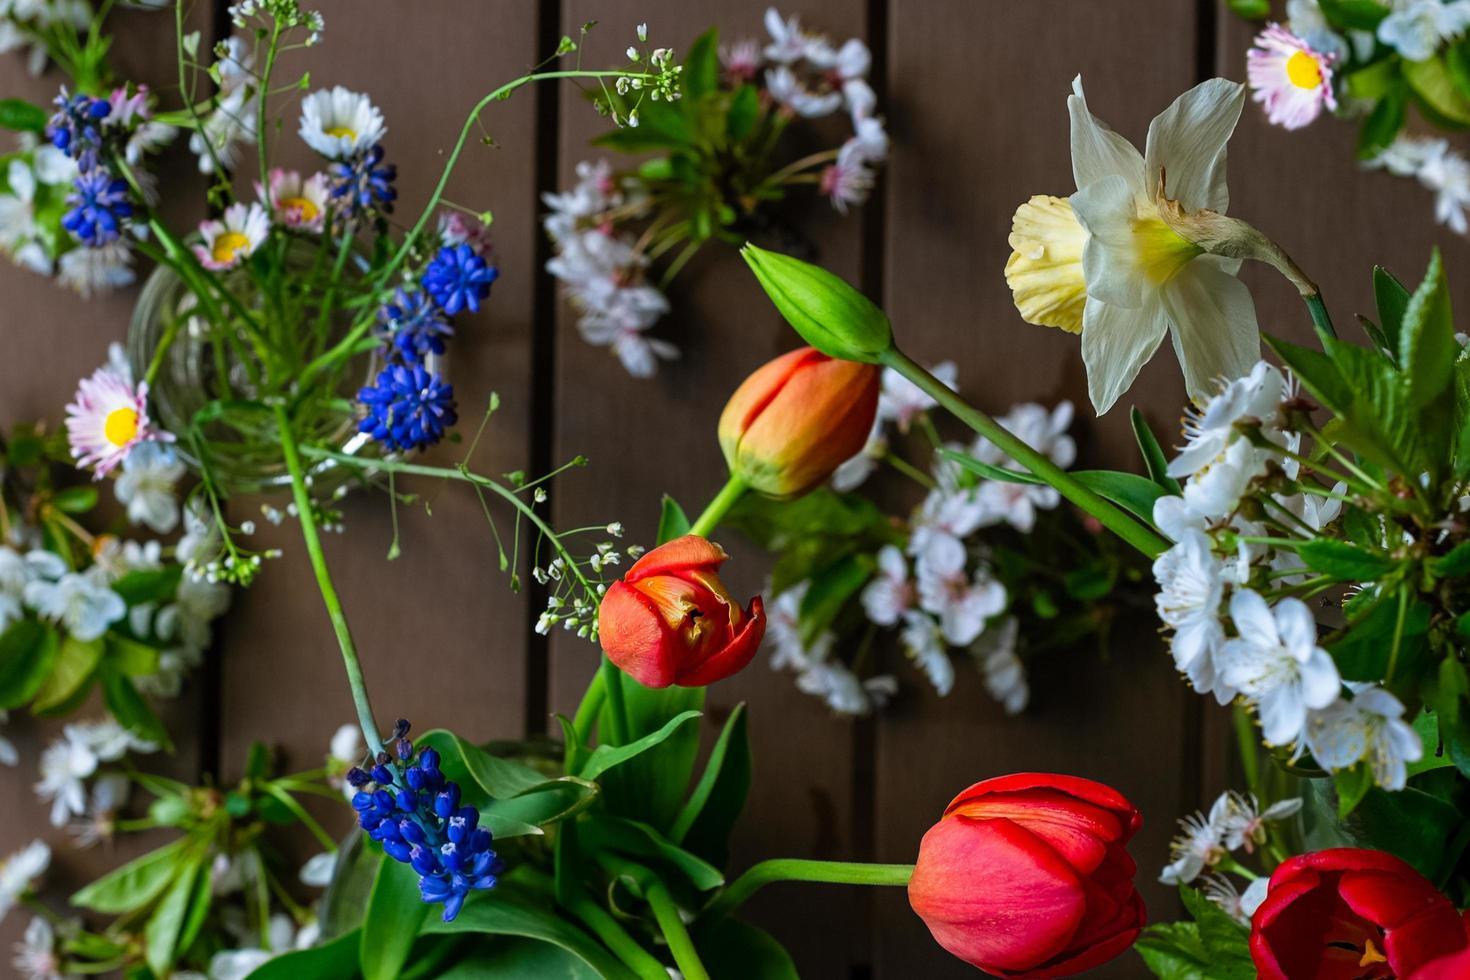 fond floral de tulipes rouges, marguerites des champs, muscaris, jonquilles, fleurs de cerisier photo